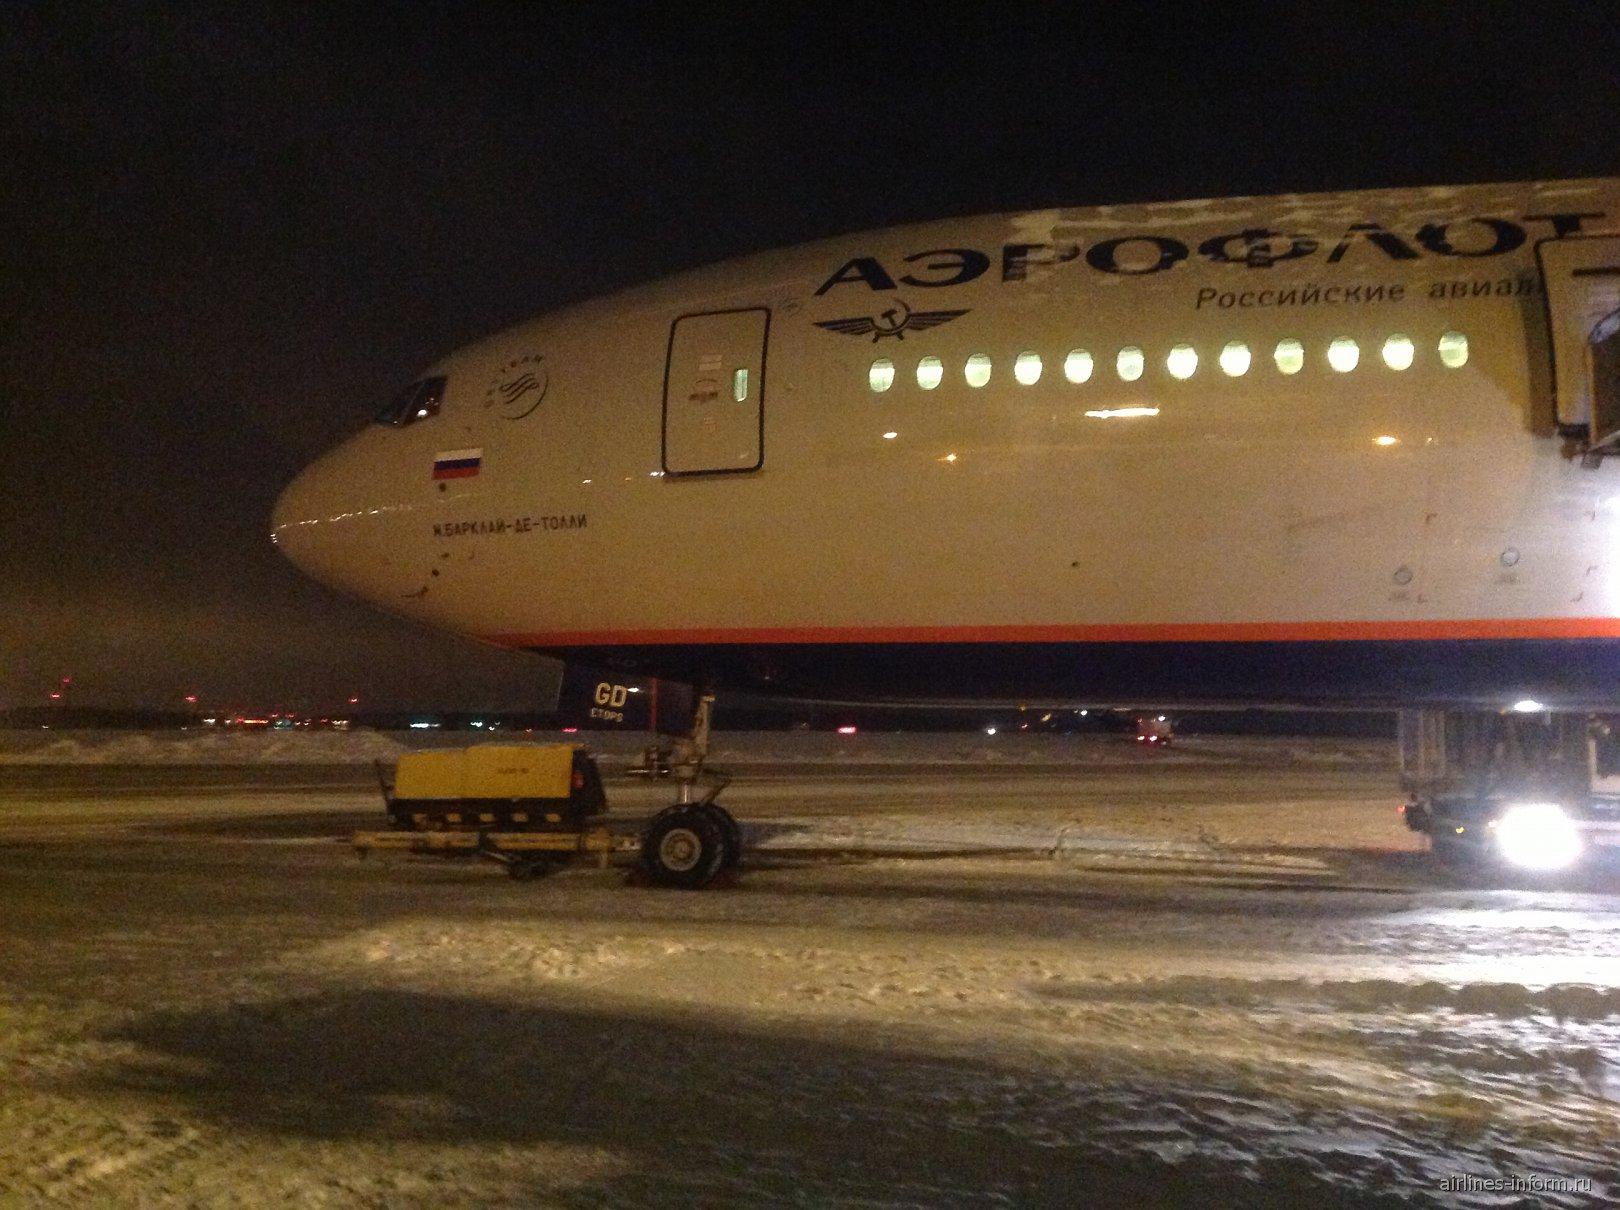 полет с Аэрофлотом по маршруту Санкт Петербург-Москва-Хабаровск. Часть 2.